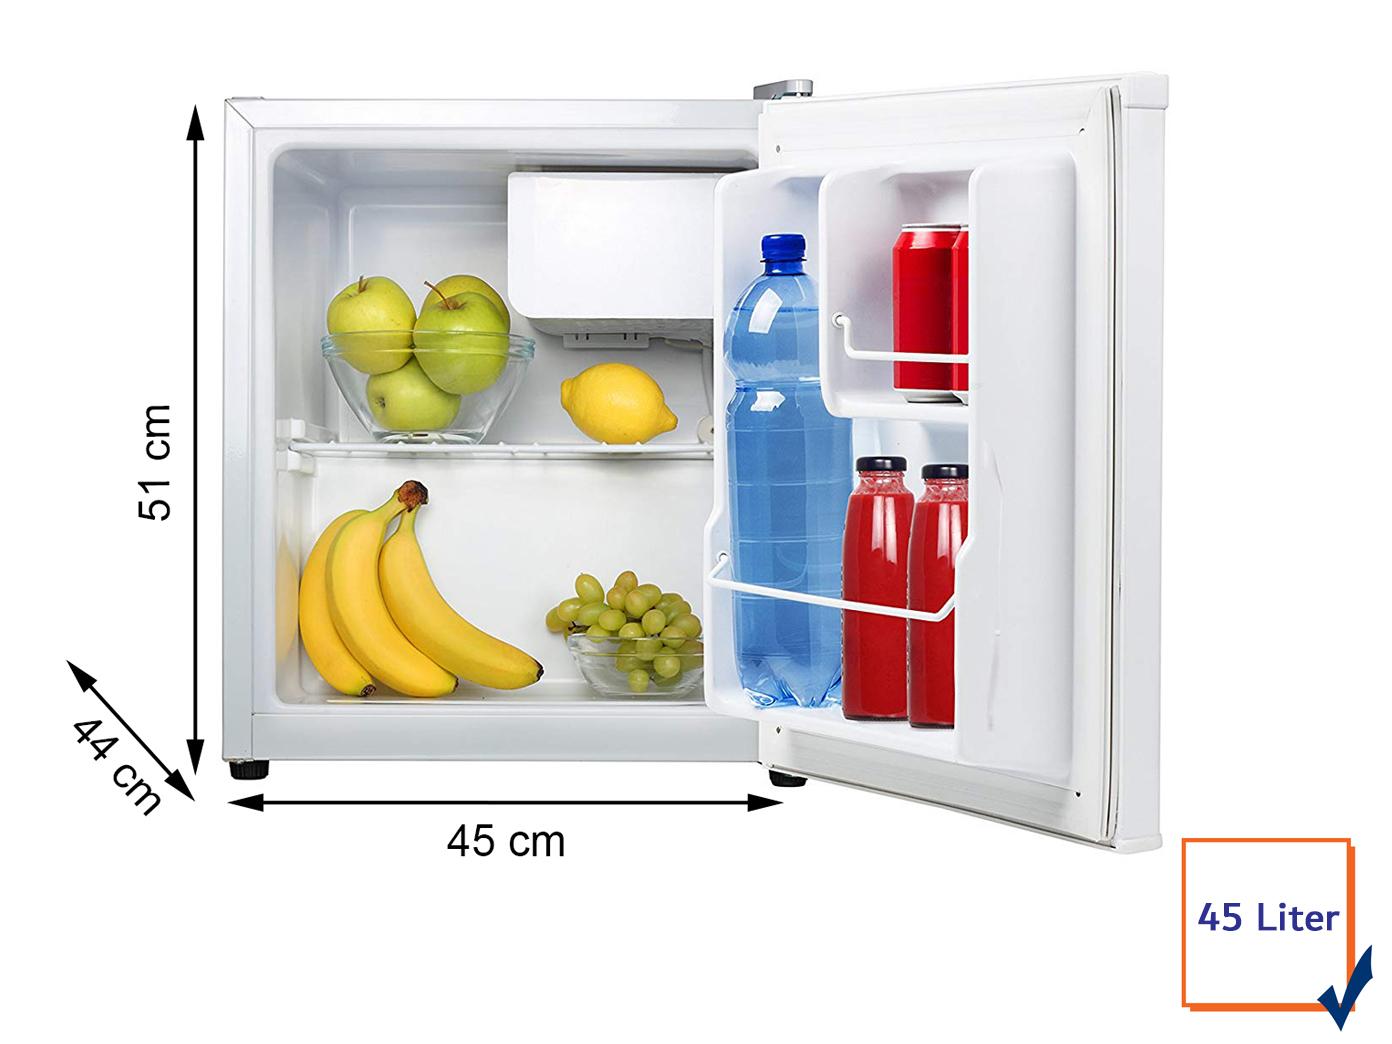 Aufbau Eines Kühlschrank : Aufbau kühlschrank k comfort kühlschrank liebherr